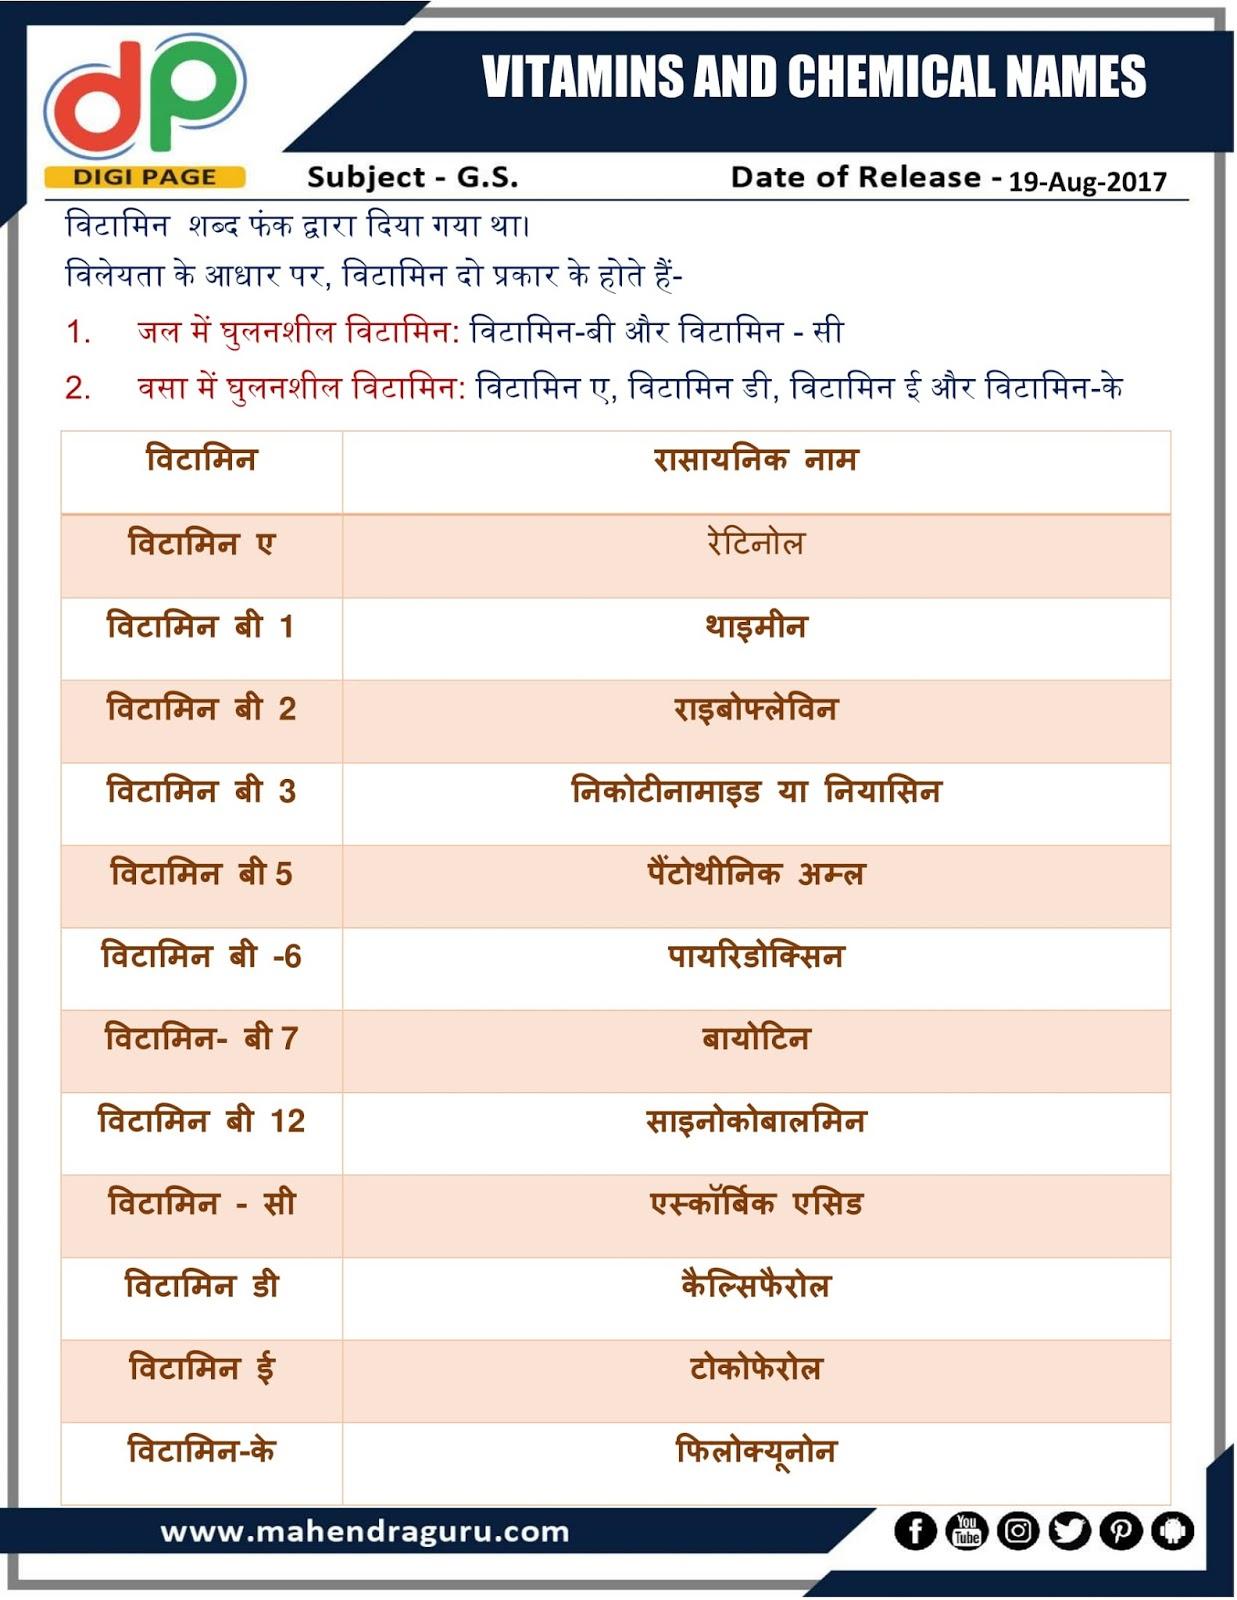 chemical names of vitamins pdf